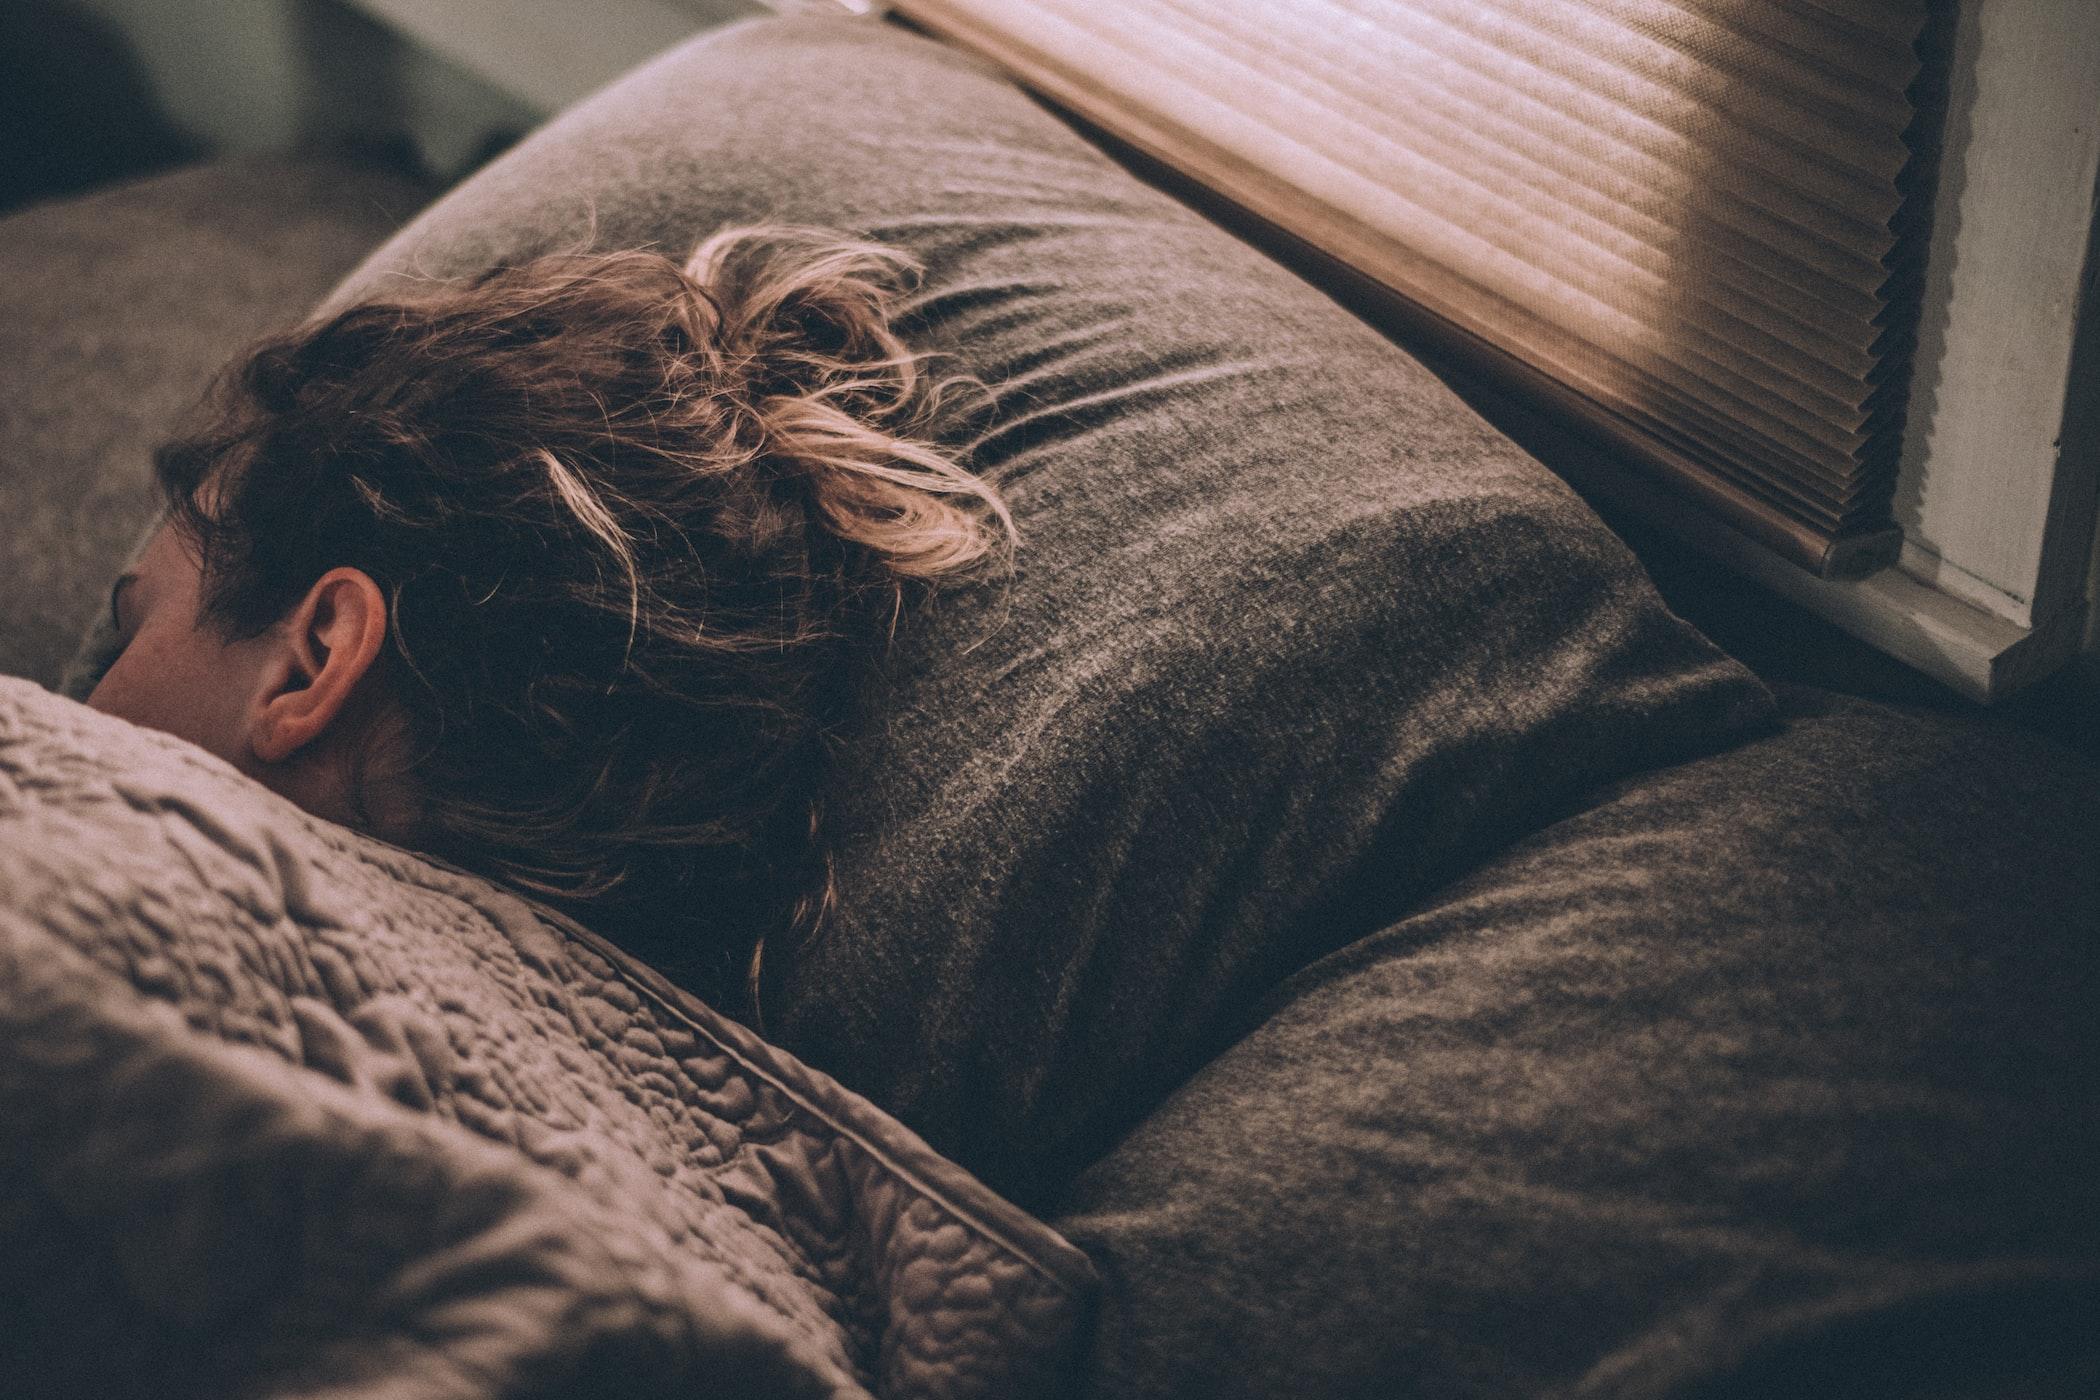 受験前日に親がすべきこと「22時には布団には就寝させる」